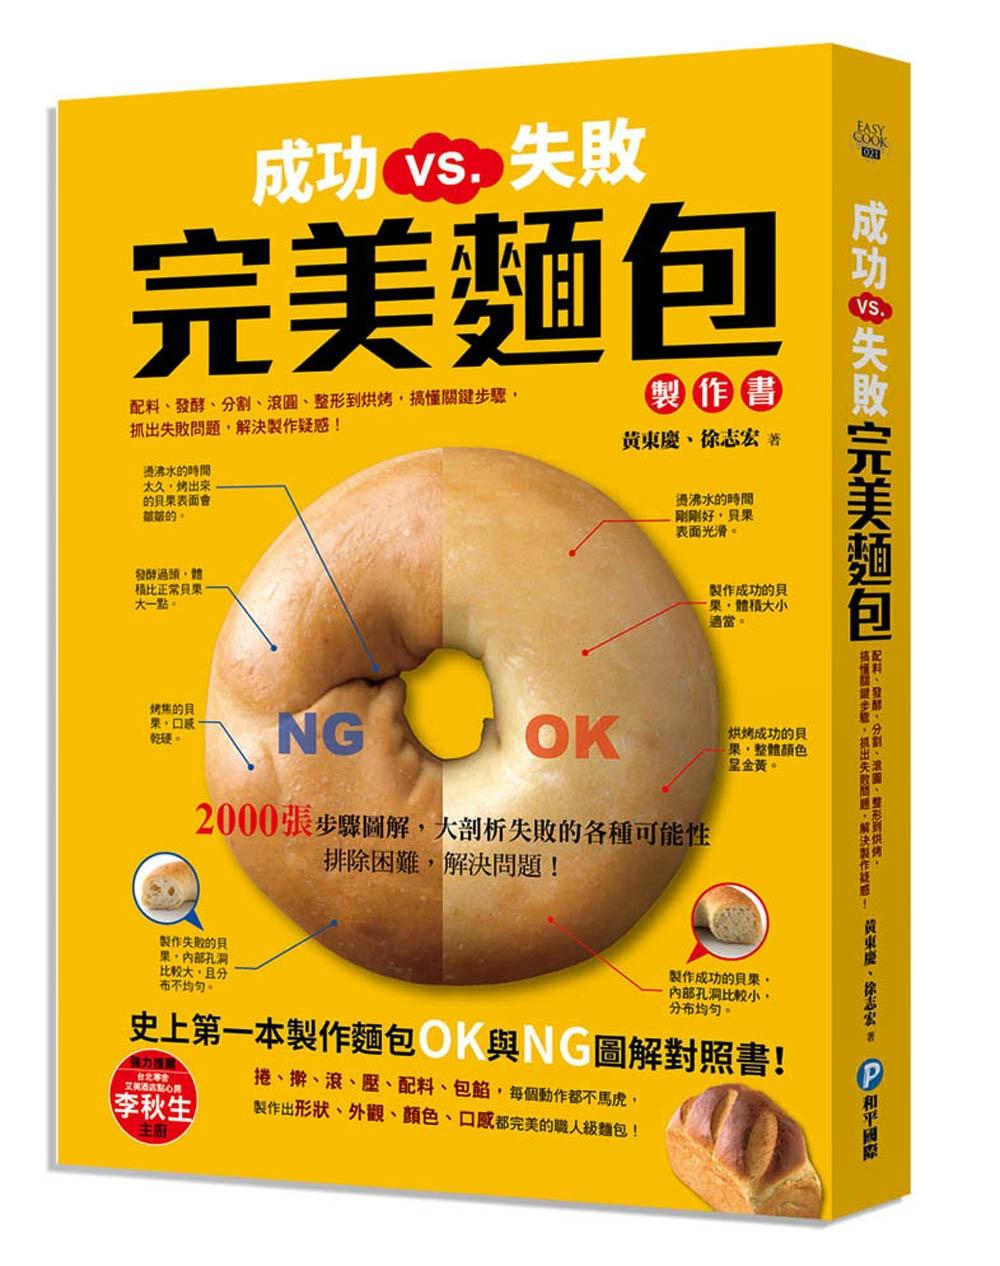 成功VS.失敗,完美麵包製作書:配料、發酵、分割、滾圓、整形到烘烤,搞懂關鍵步驟,抓出失敗問題,解決製作疑惑!